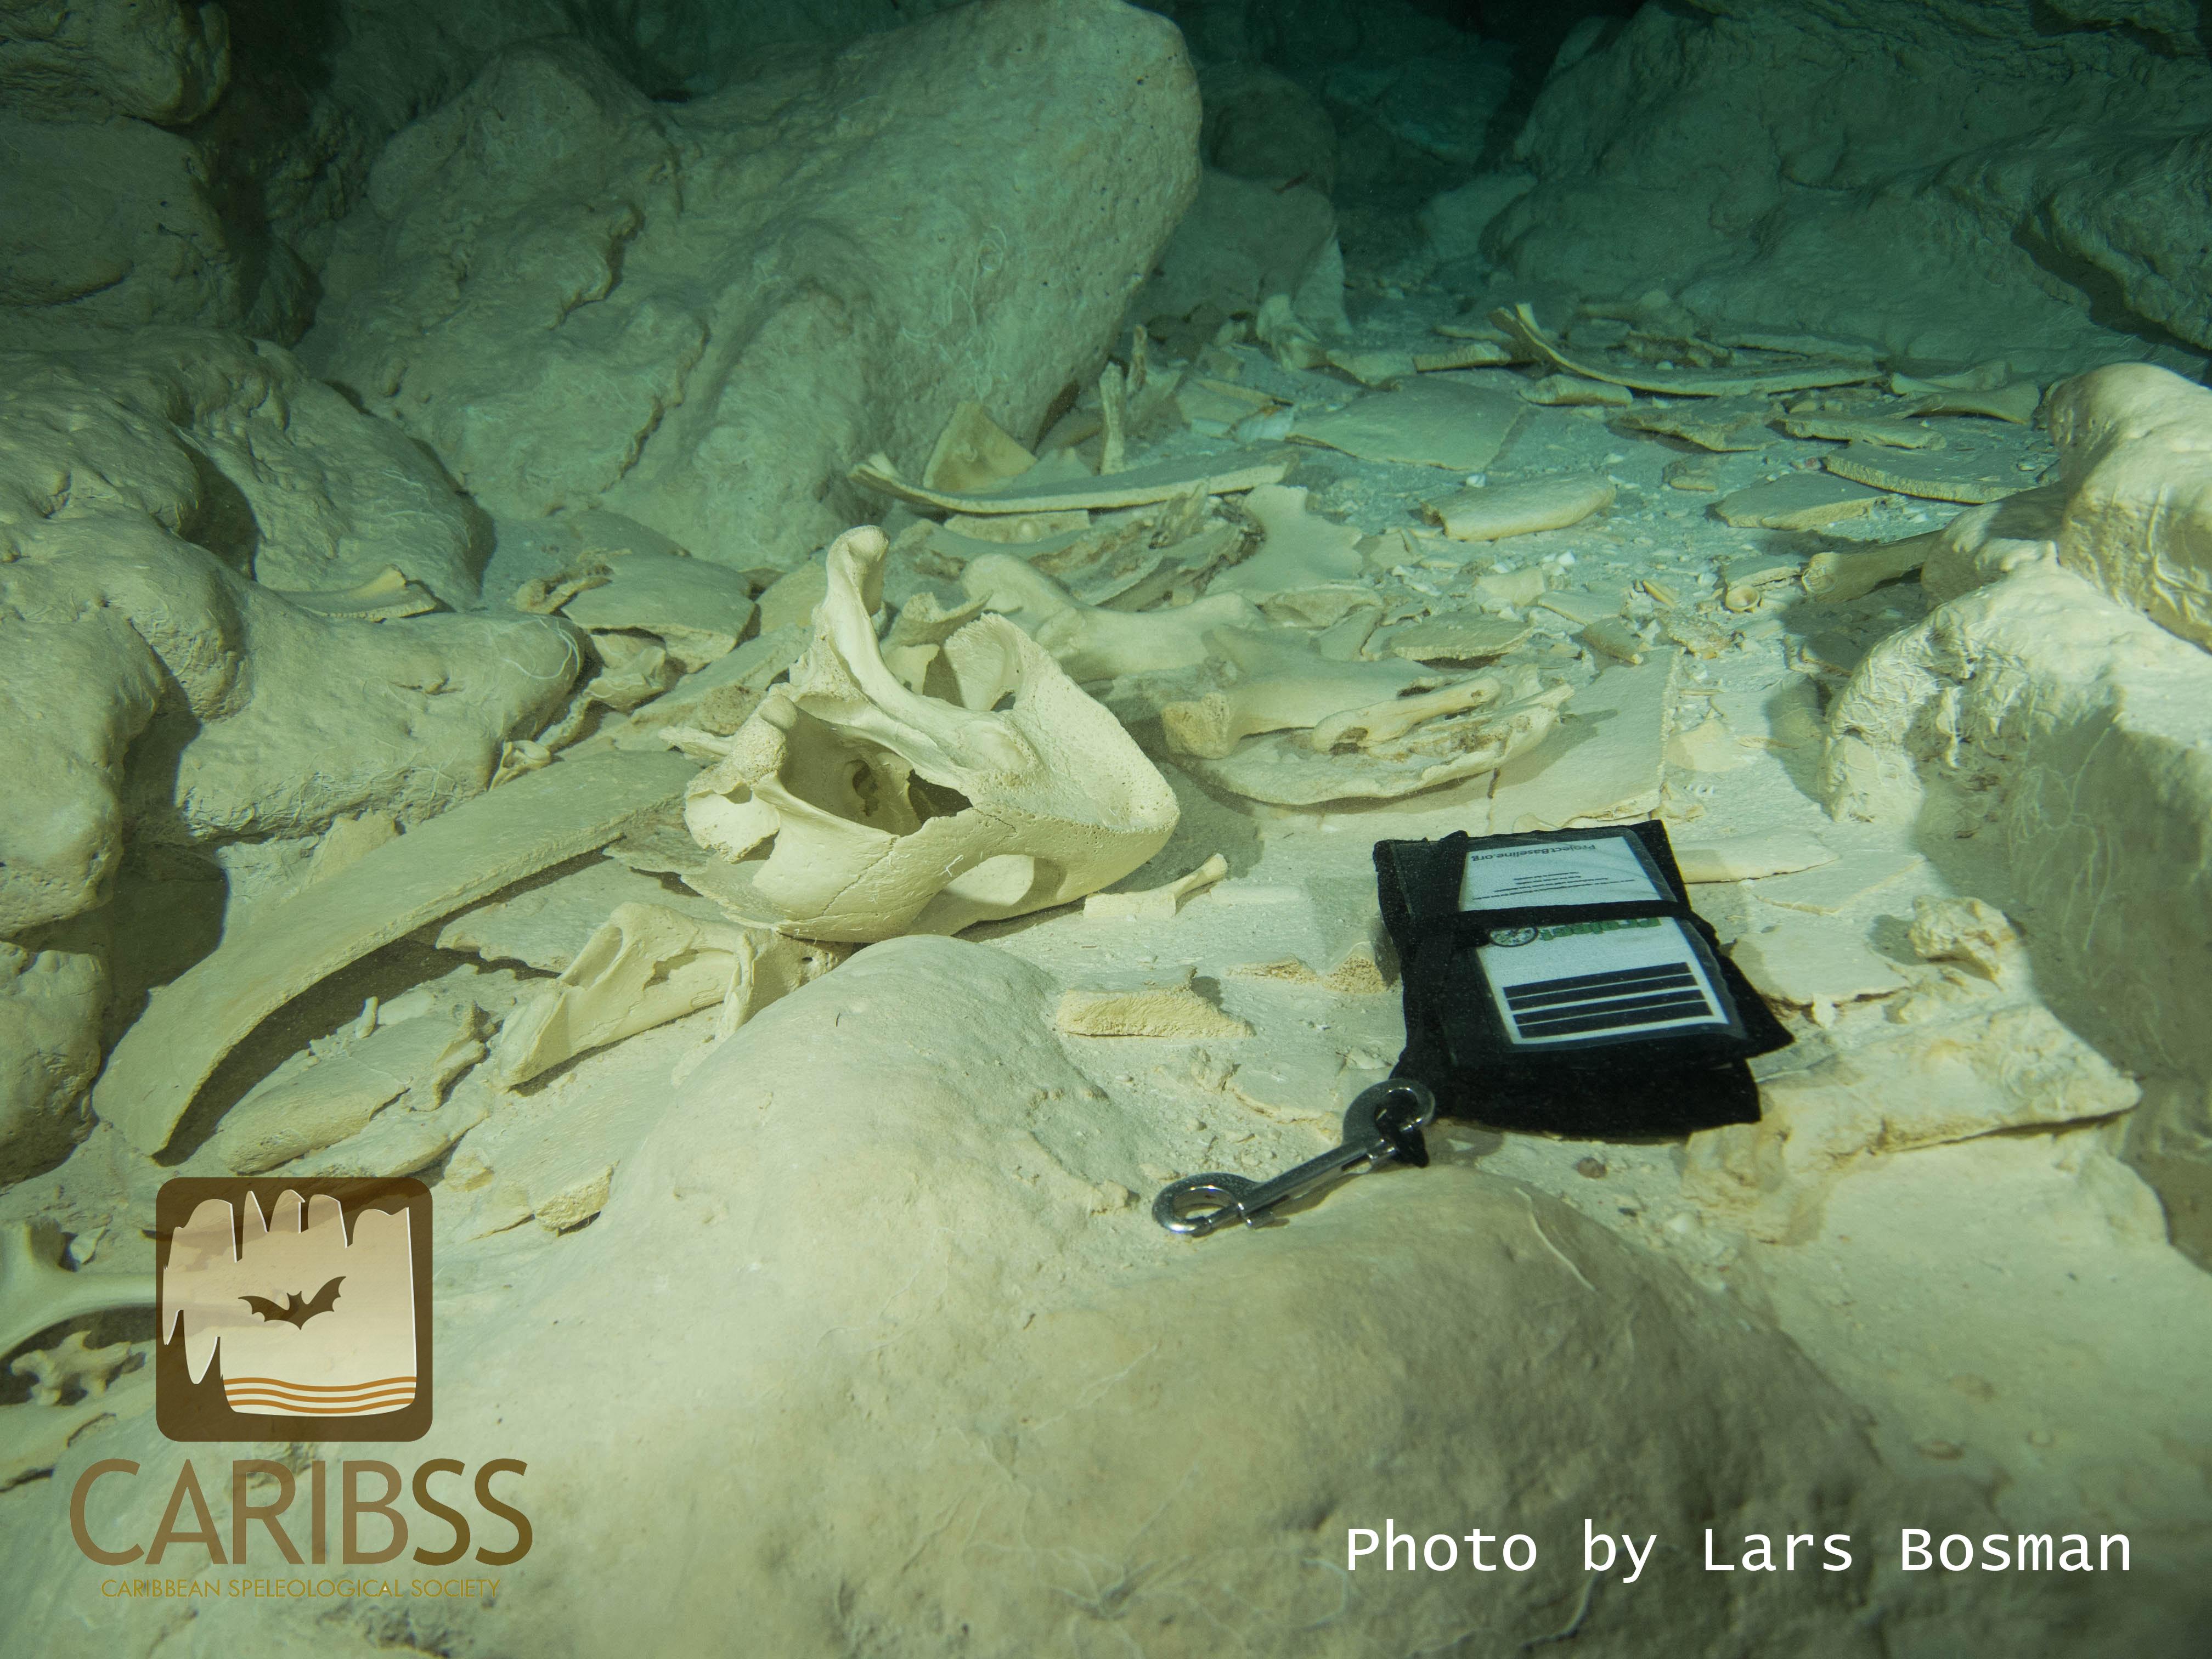 Bones covering the floor.